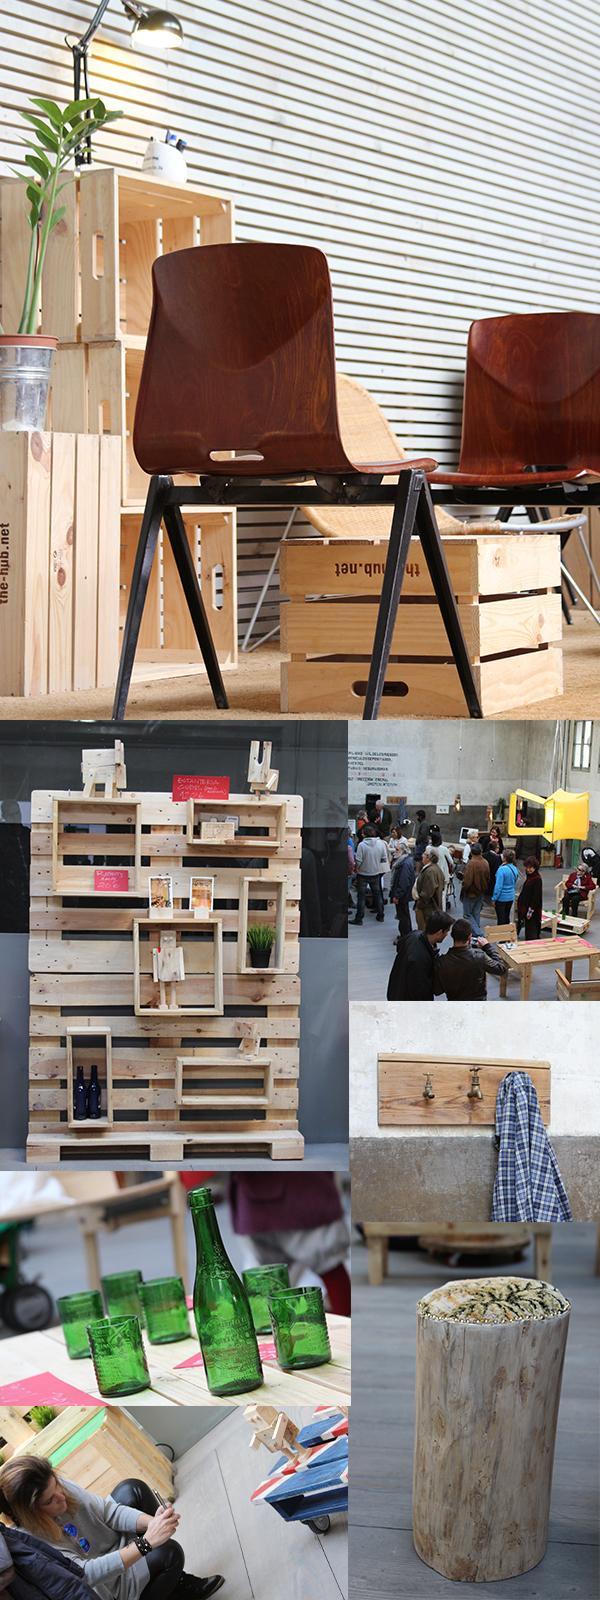 Artilujos un nuevo portal de muebles reciclados paperblog for Muebles originales reciclados